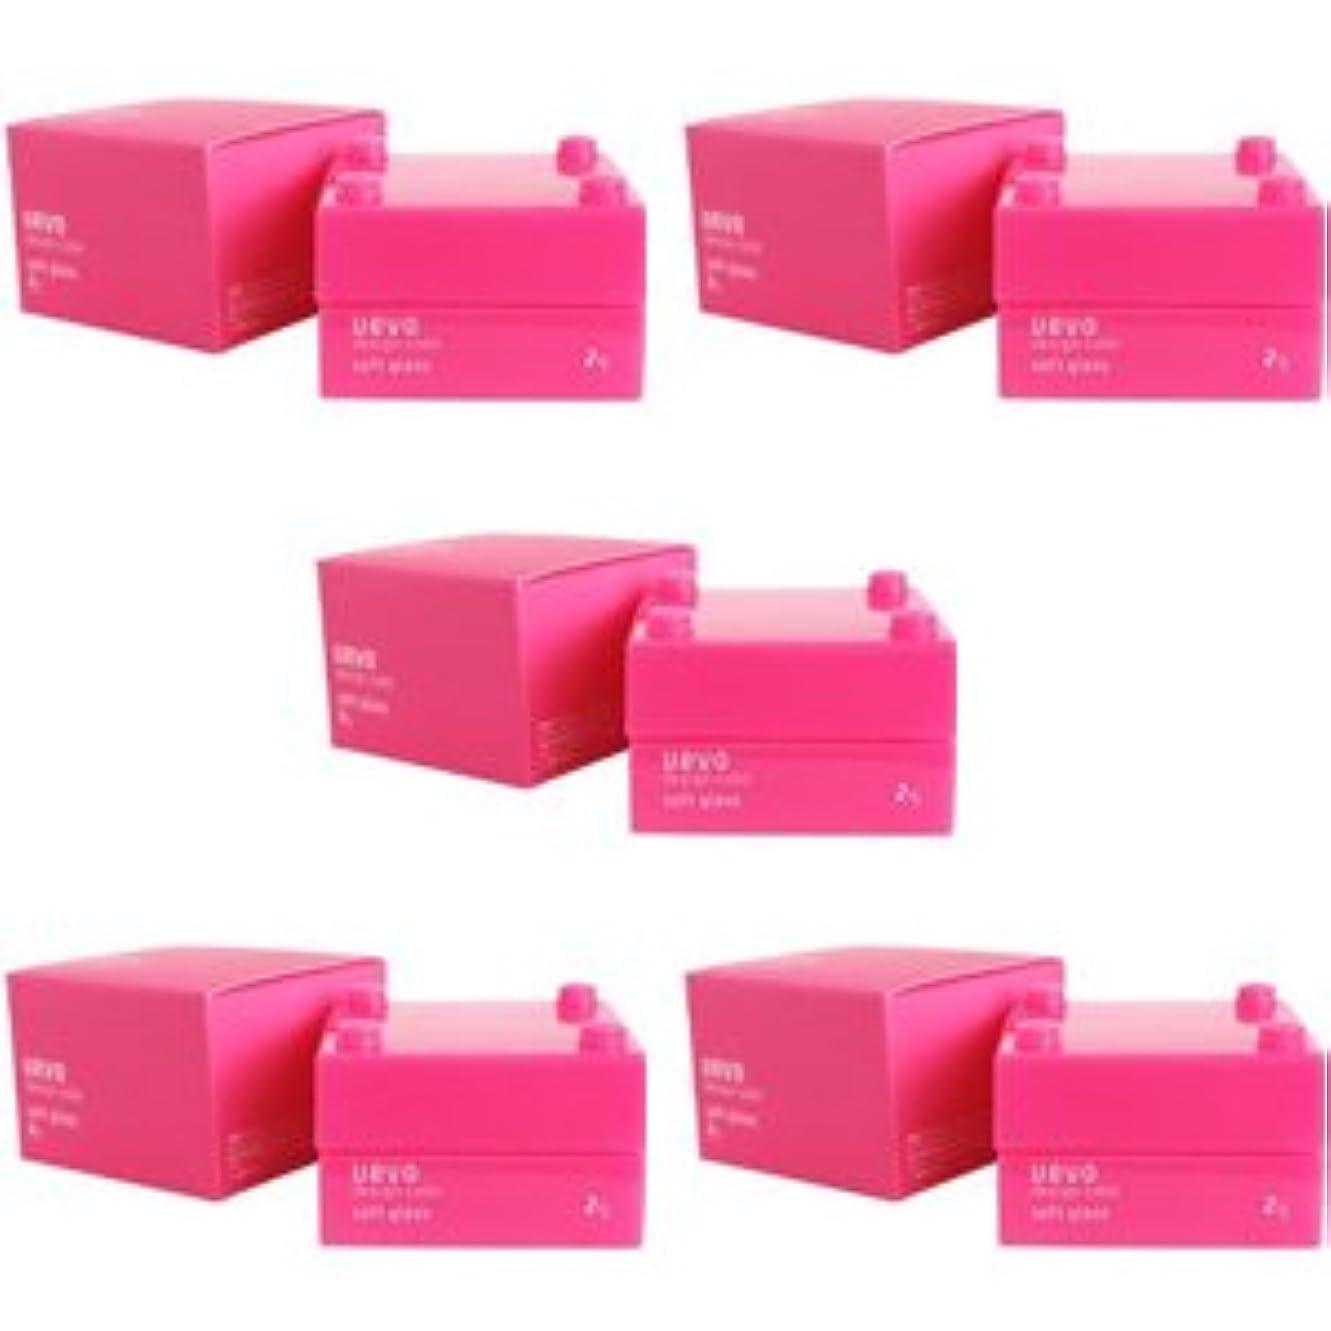 農夫注ぎますスピリチュアル【X5個セット】 デミ ウェーボ デザインキューブ ソフトグロス 30g soft gloss DEMI uevo design cube